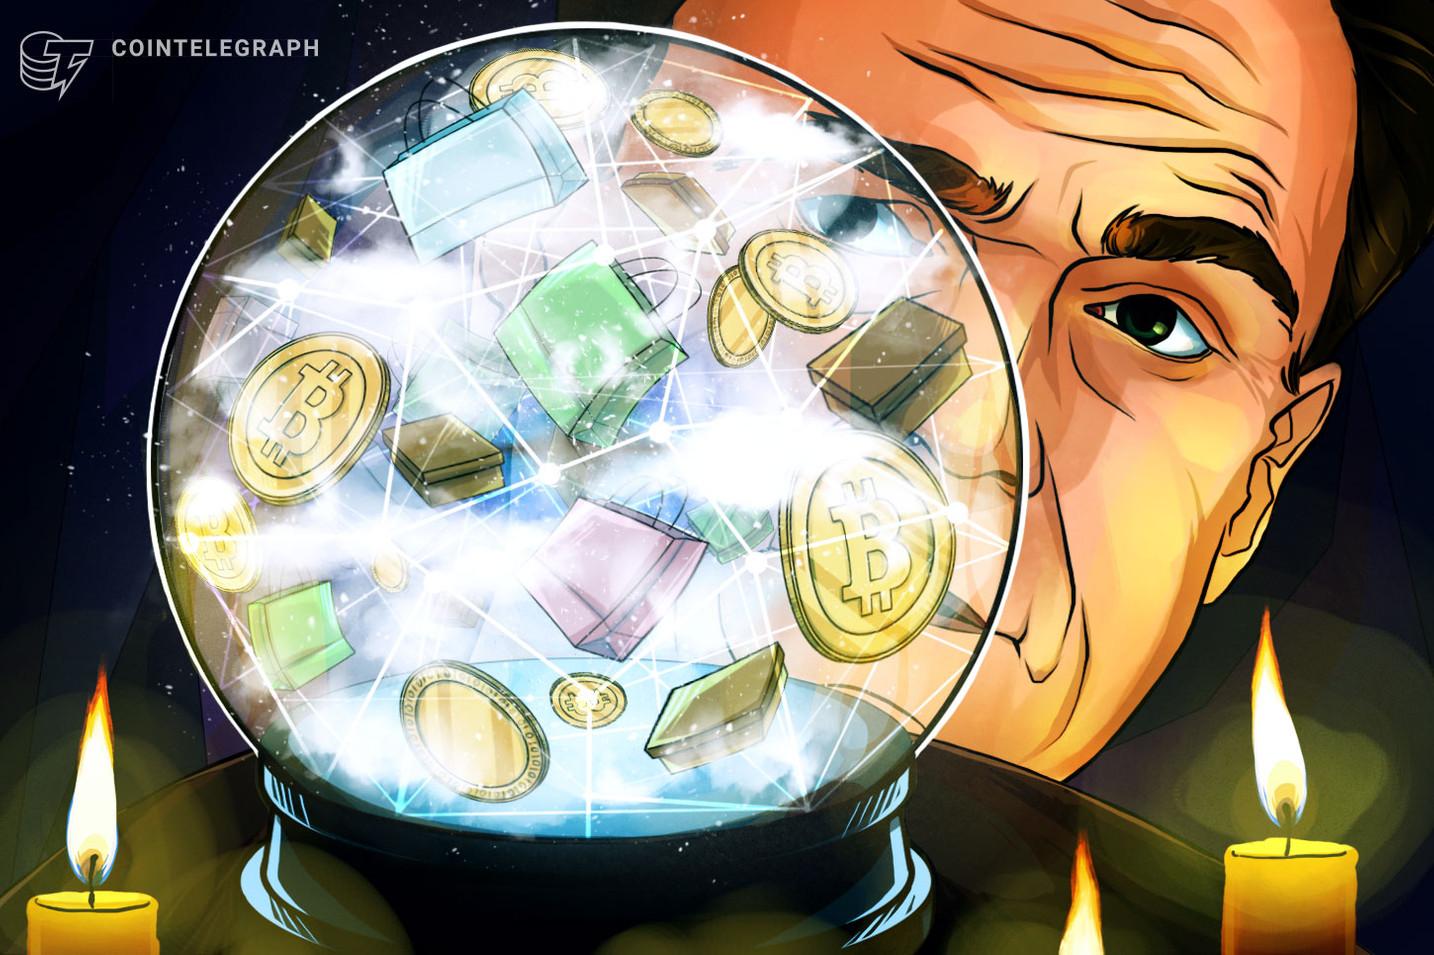 米仮想通貨決済企業サークル社創業者  ビットコインは3年で「大幅に値上がり」